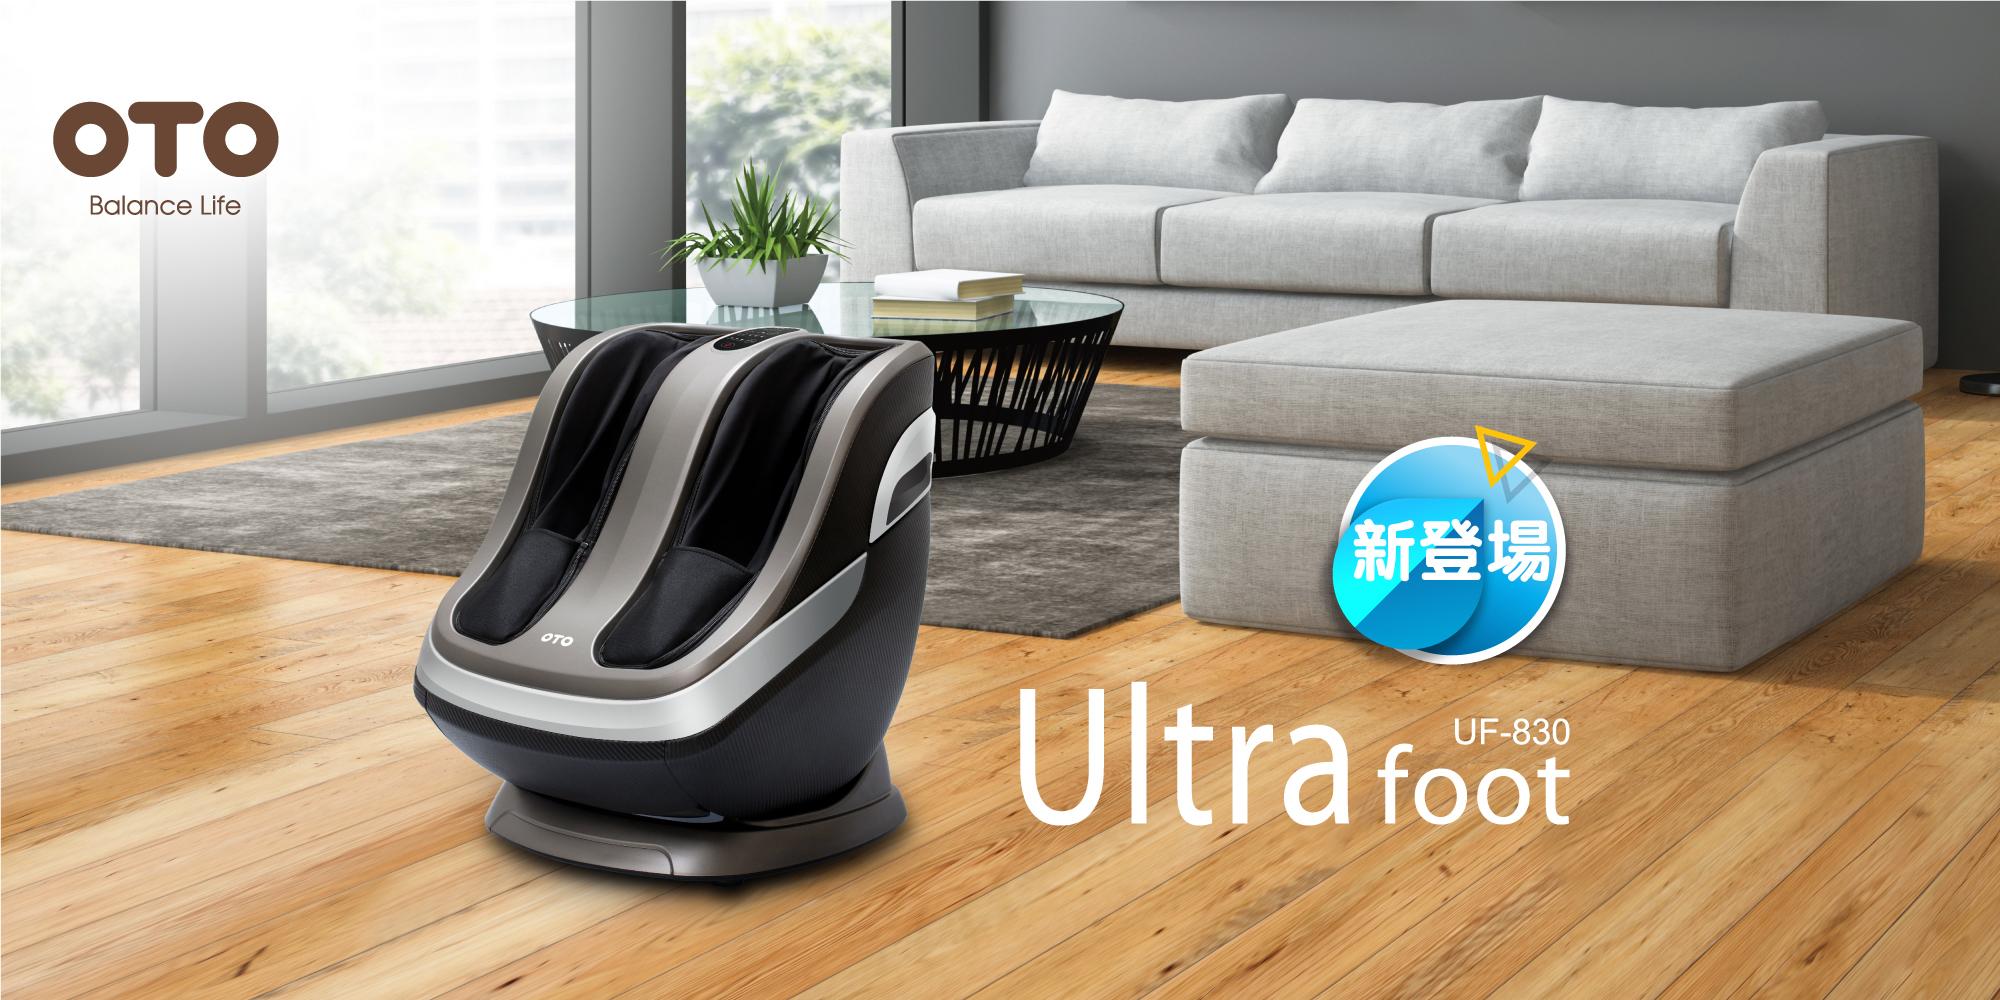 全新Ultra Foot 足部按摩器登場